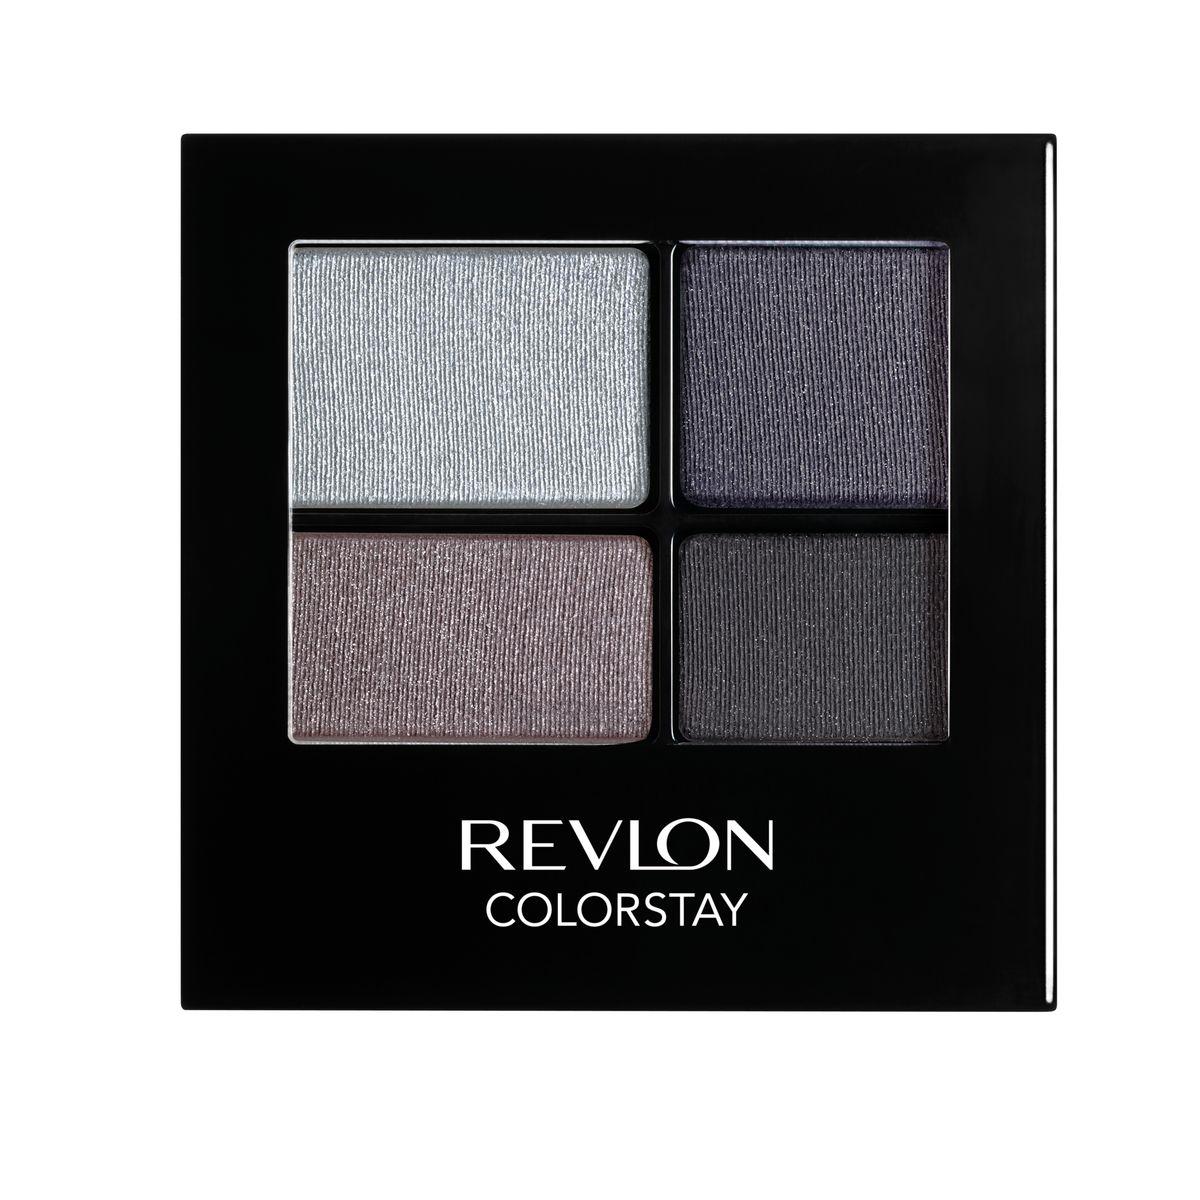 Revlon Тени для Век Четырехцветные Colorstay Eye16 Hour Eye Shadow Quad Siren 525 42 гDB4010(DB4.510)_белоснежкаColorstay 16 Hour Sahdow - роскошные тени для век с шелковистой текстурой и невероятно стойкой формулой. Теперь ваш макияж сохранит свой безупречный вид не менее 16 часов! Все оттенки гармонично сочетаются друг с другом и легко смешиваются, позволяя создать бесконечное количество вариантов макияжа глаз: от нежных, естественных, едва заметных, до ярких, выразительных, драматических. На оборотной стороне продукта приведена схема нанесения.Аккуратно нанести на веки специальной кисточкой.